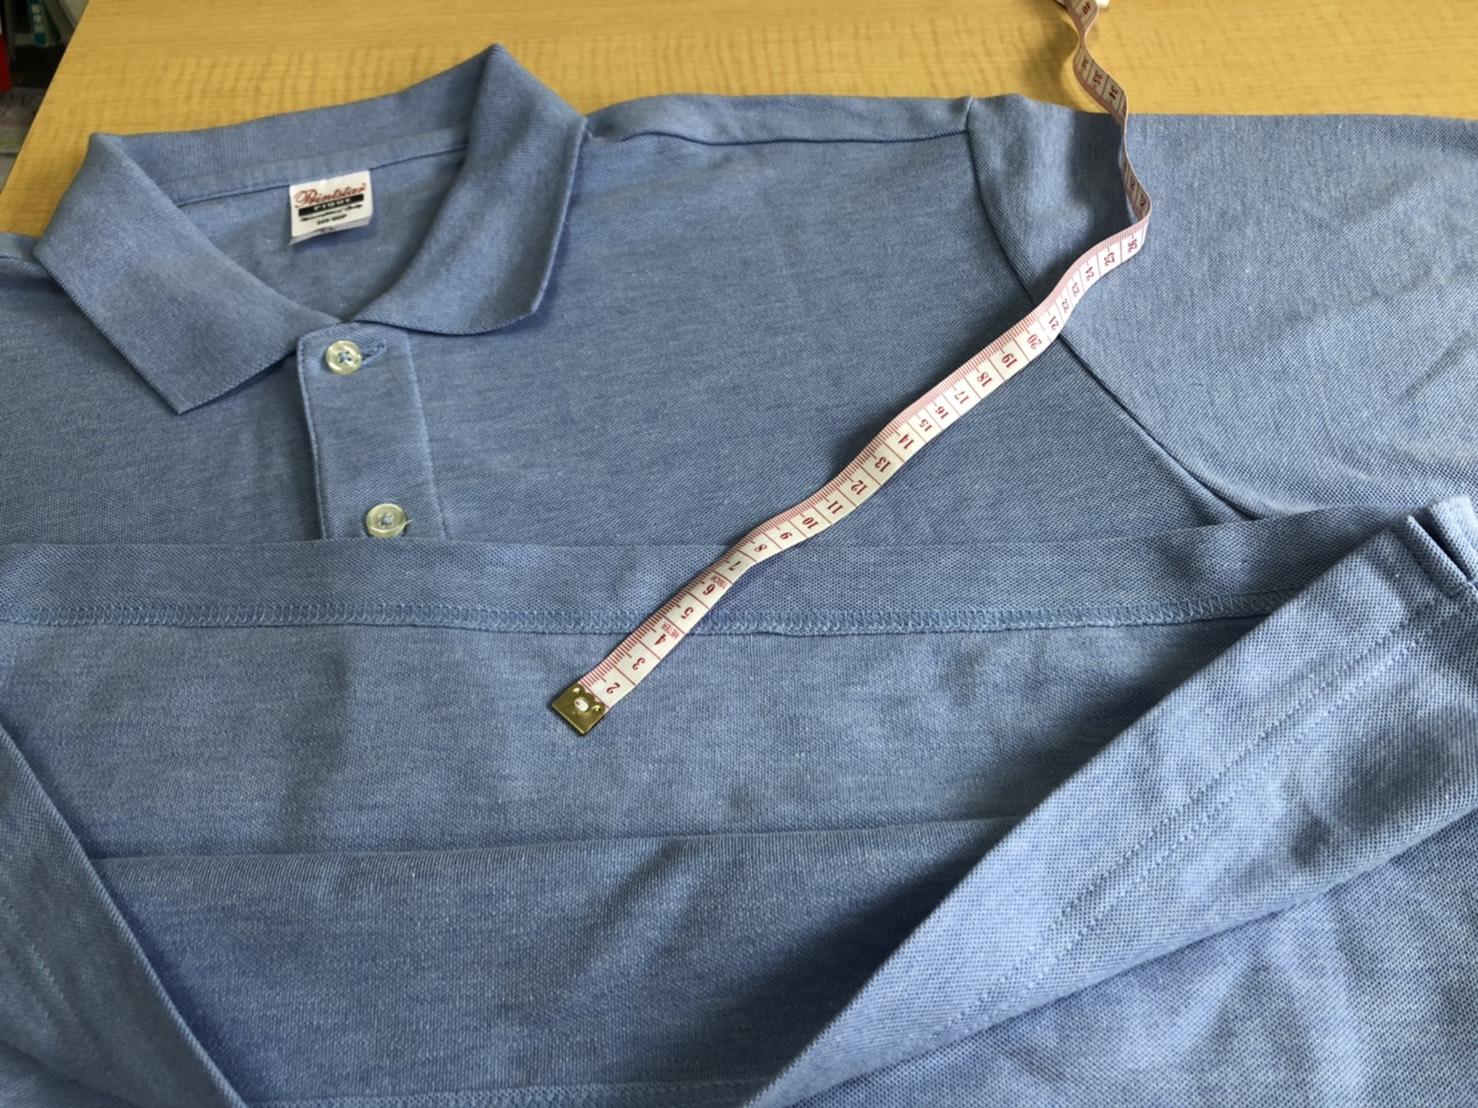 ≪ポロシャツ・着丈詰め~電車でつり革に掴まってもおへそが出ない丈に~≫